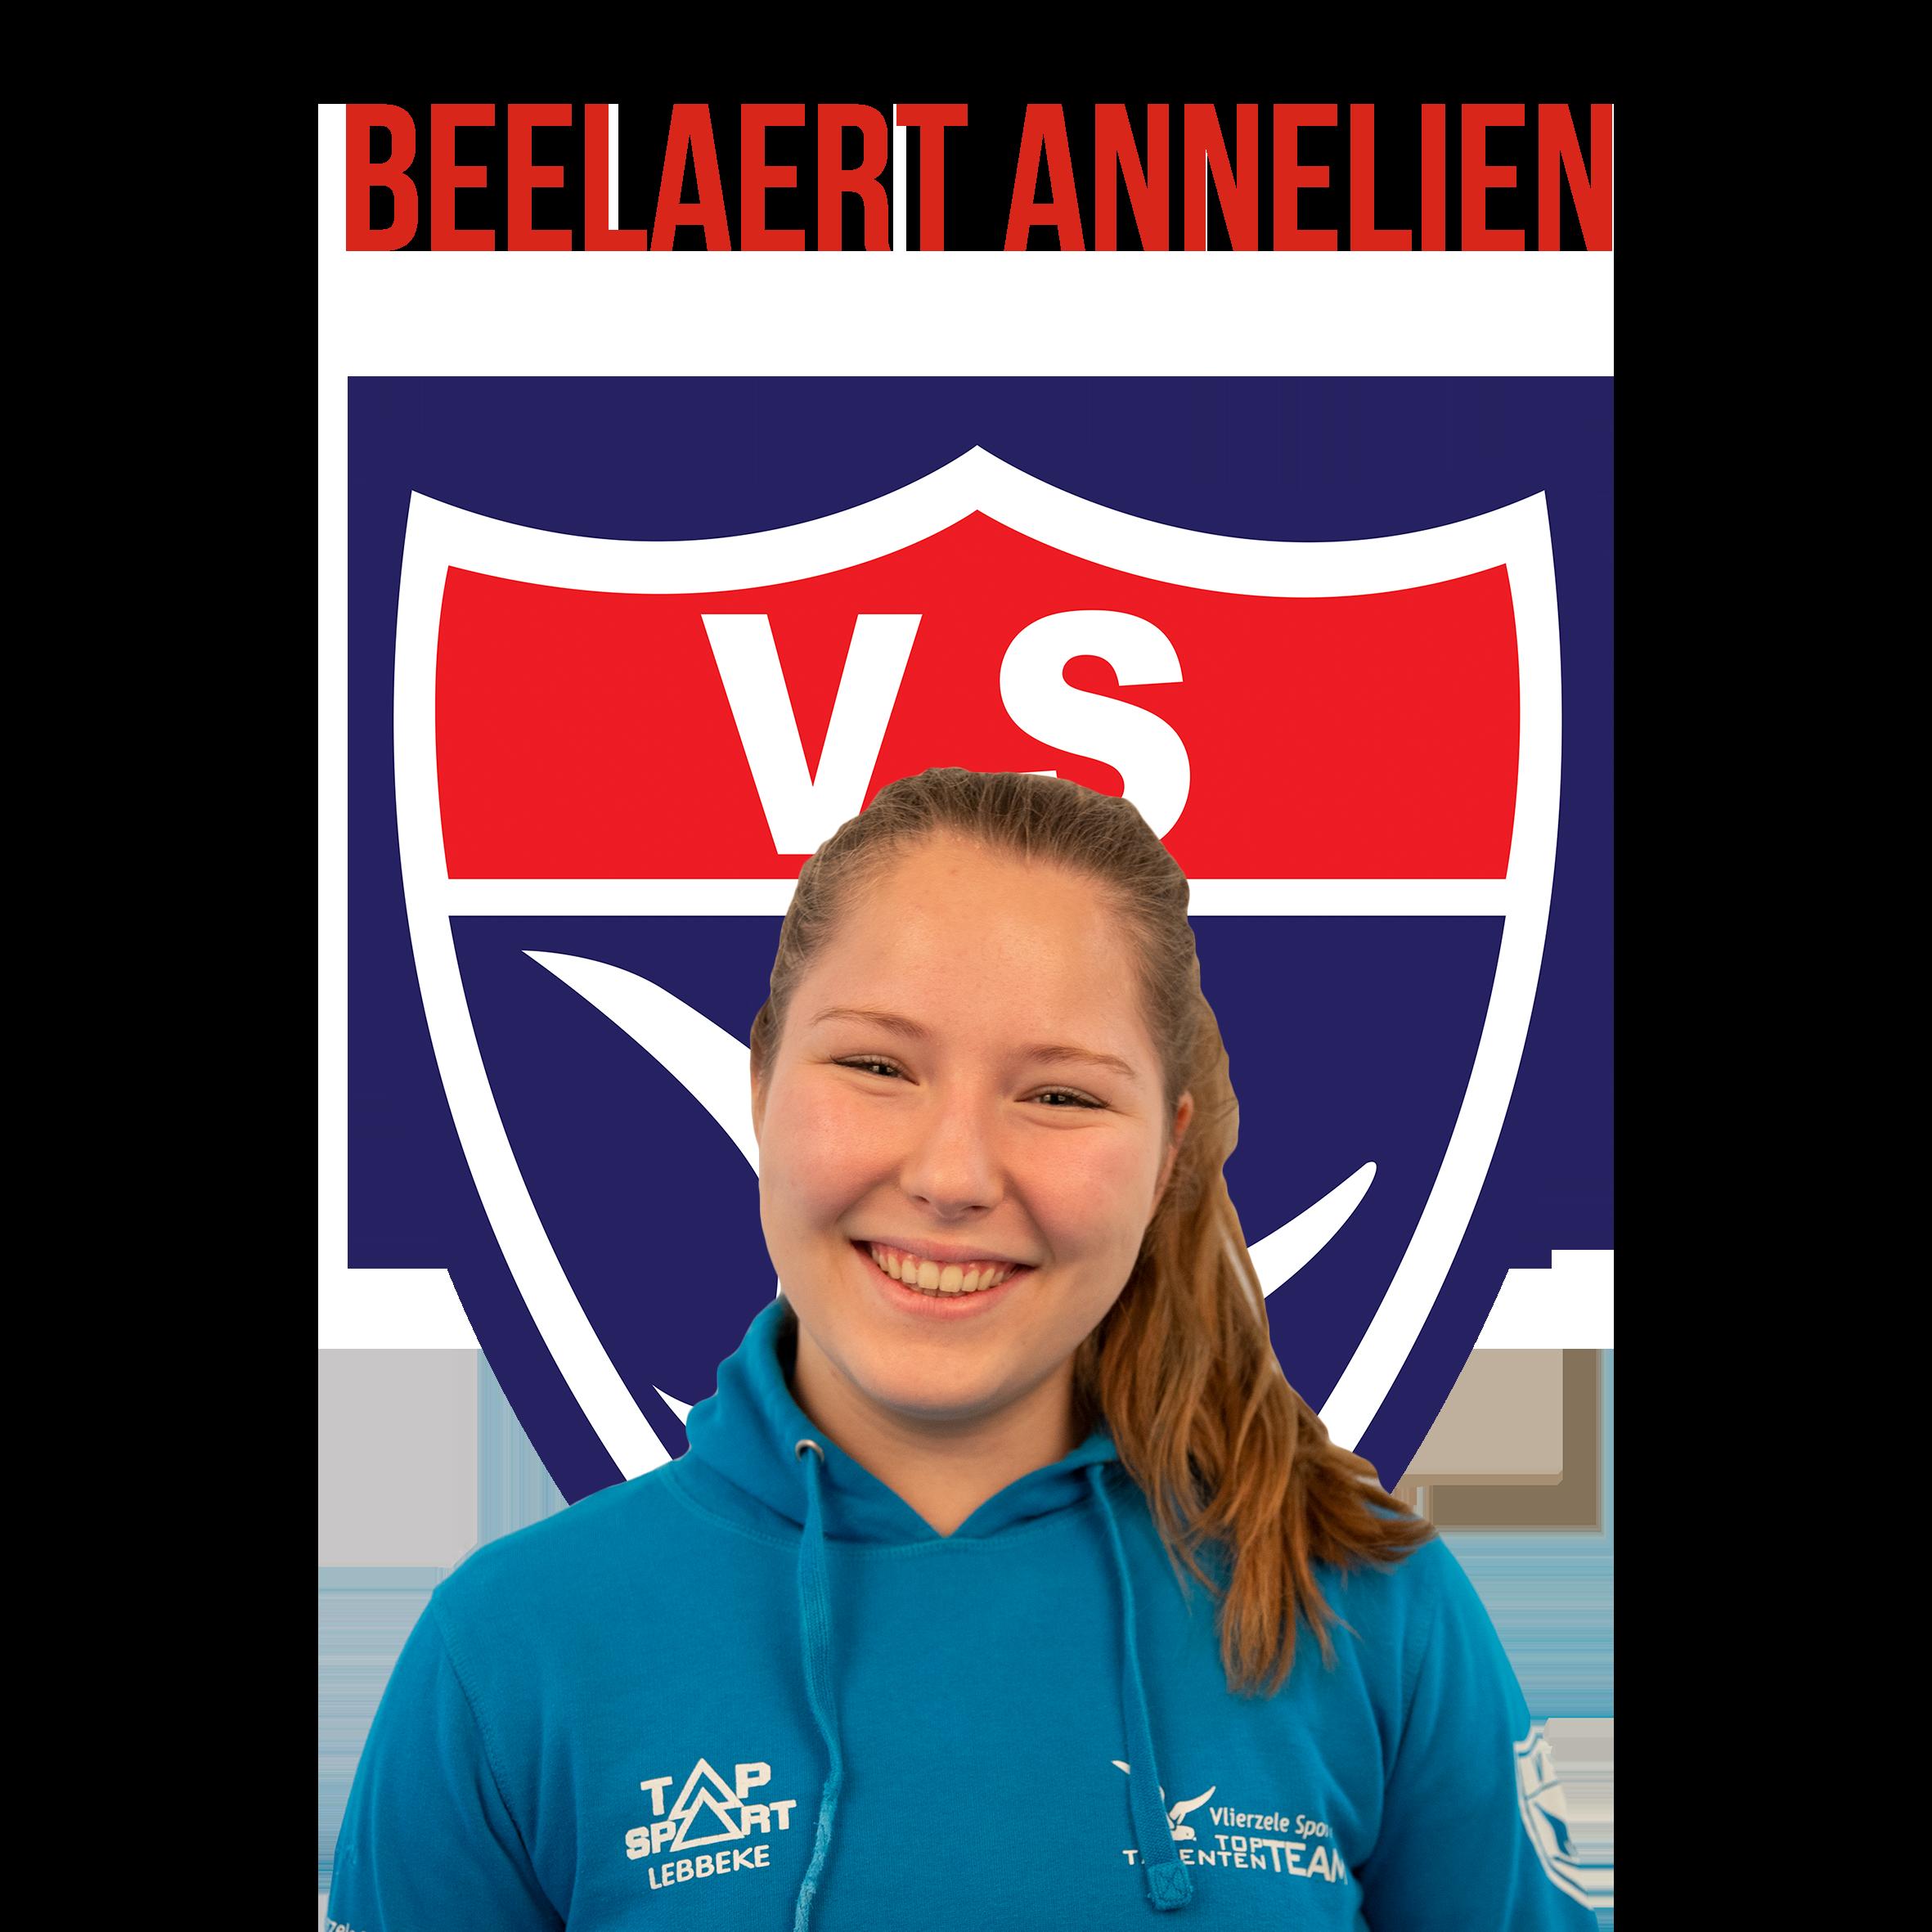 Beelaert_annelies